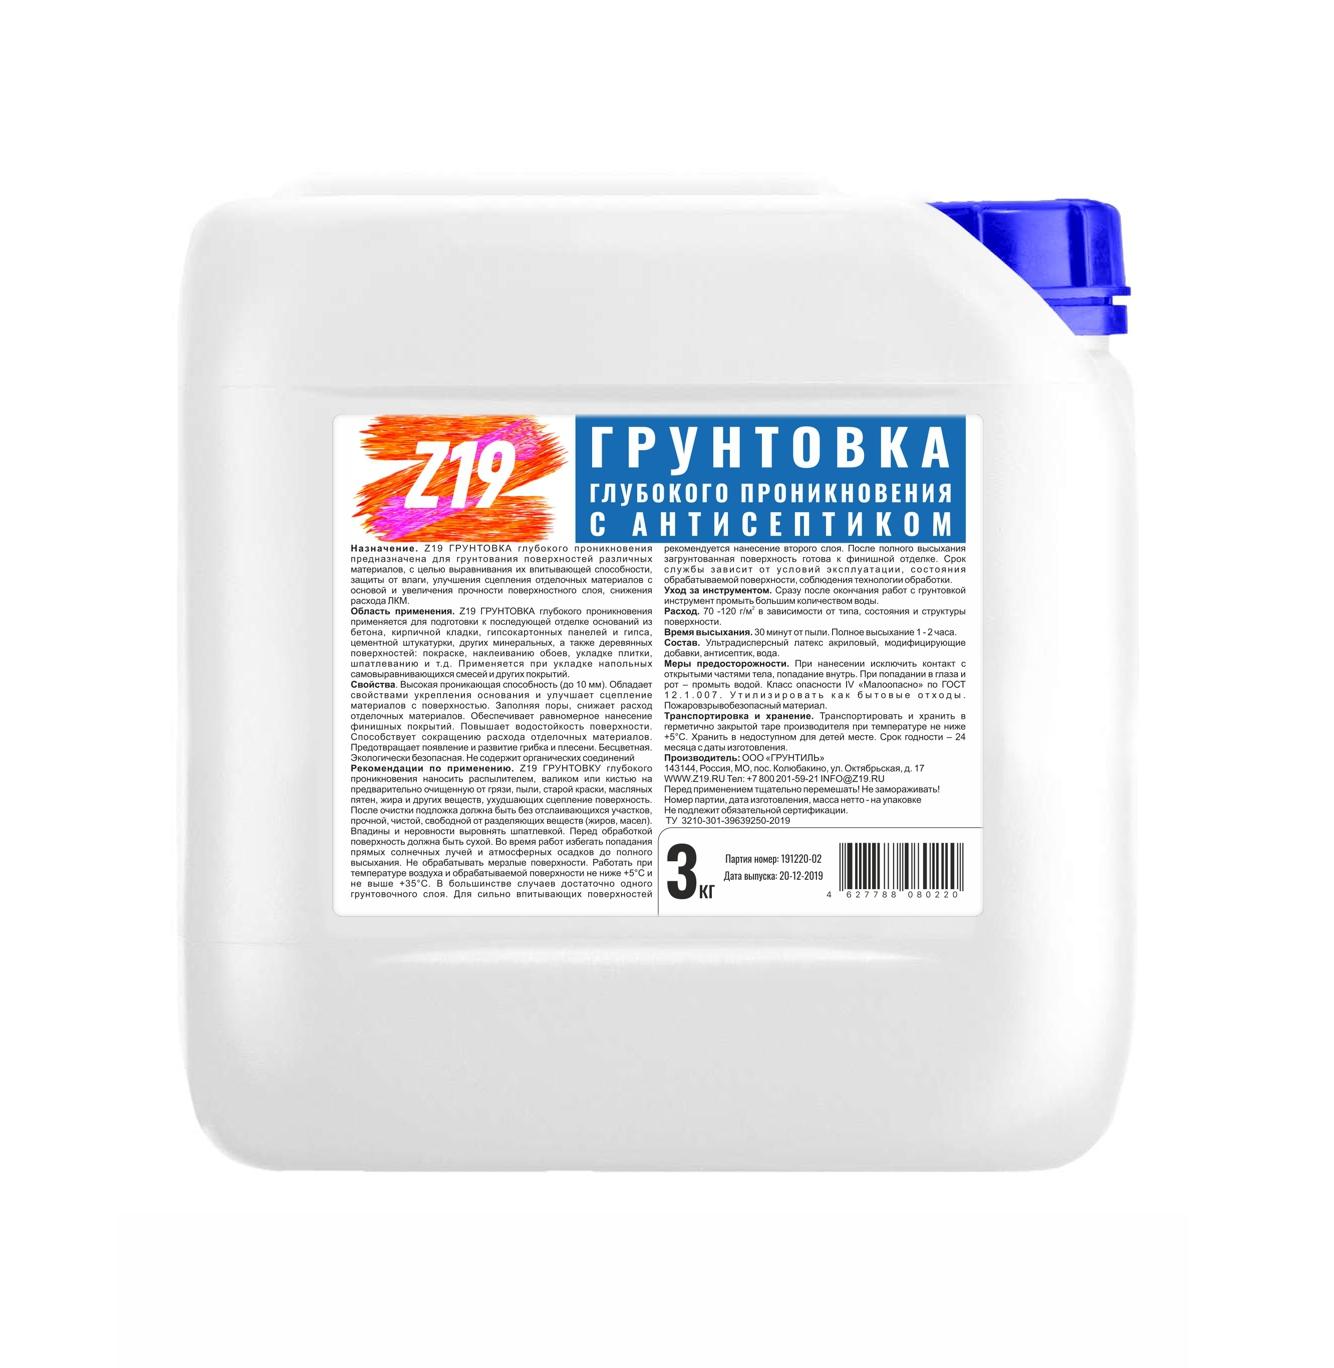 Грунтовка Z19 ГЛУБОКОГО ПРОНИКНОВЕНИЯ 3.0 кг для наружных и внутренних работ